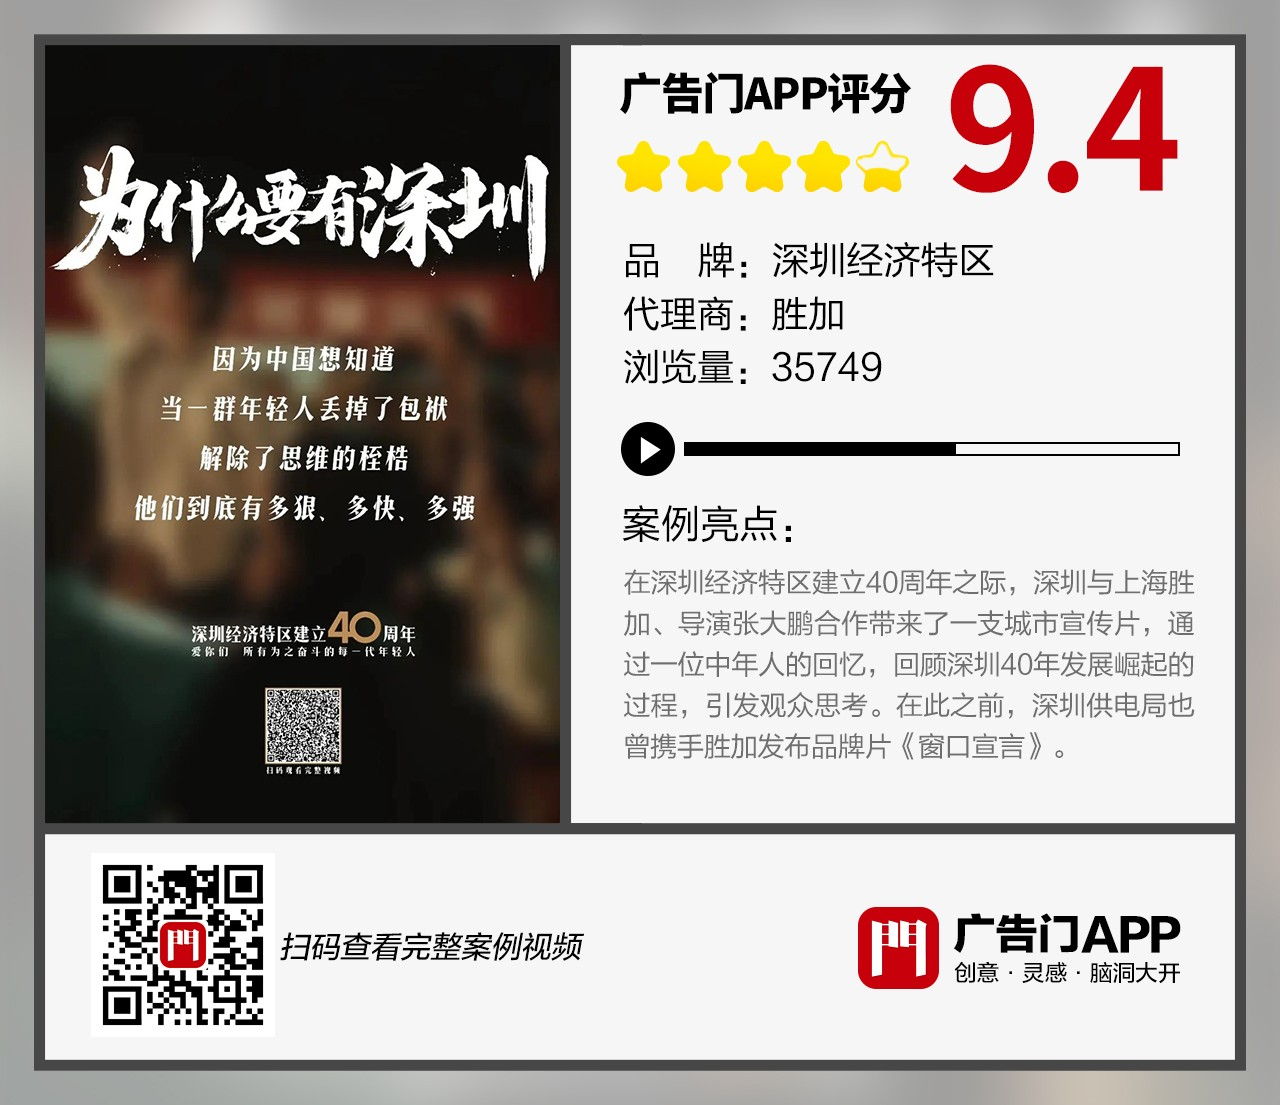 马晓波写文案,张大鹏执导,深圳城市宣传片火了.jpg